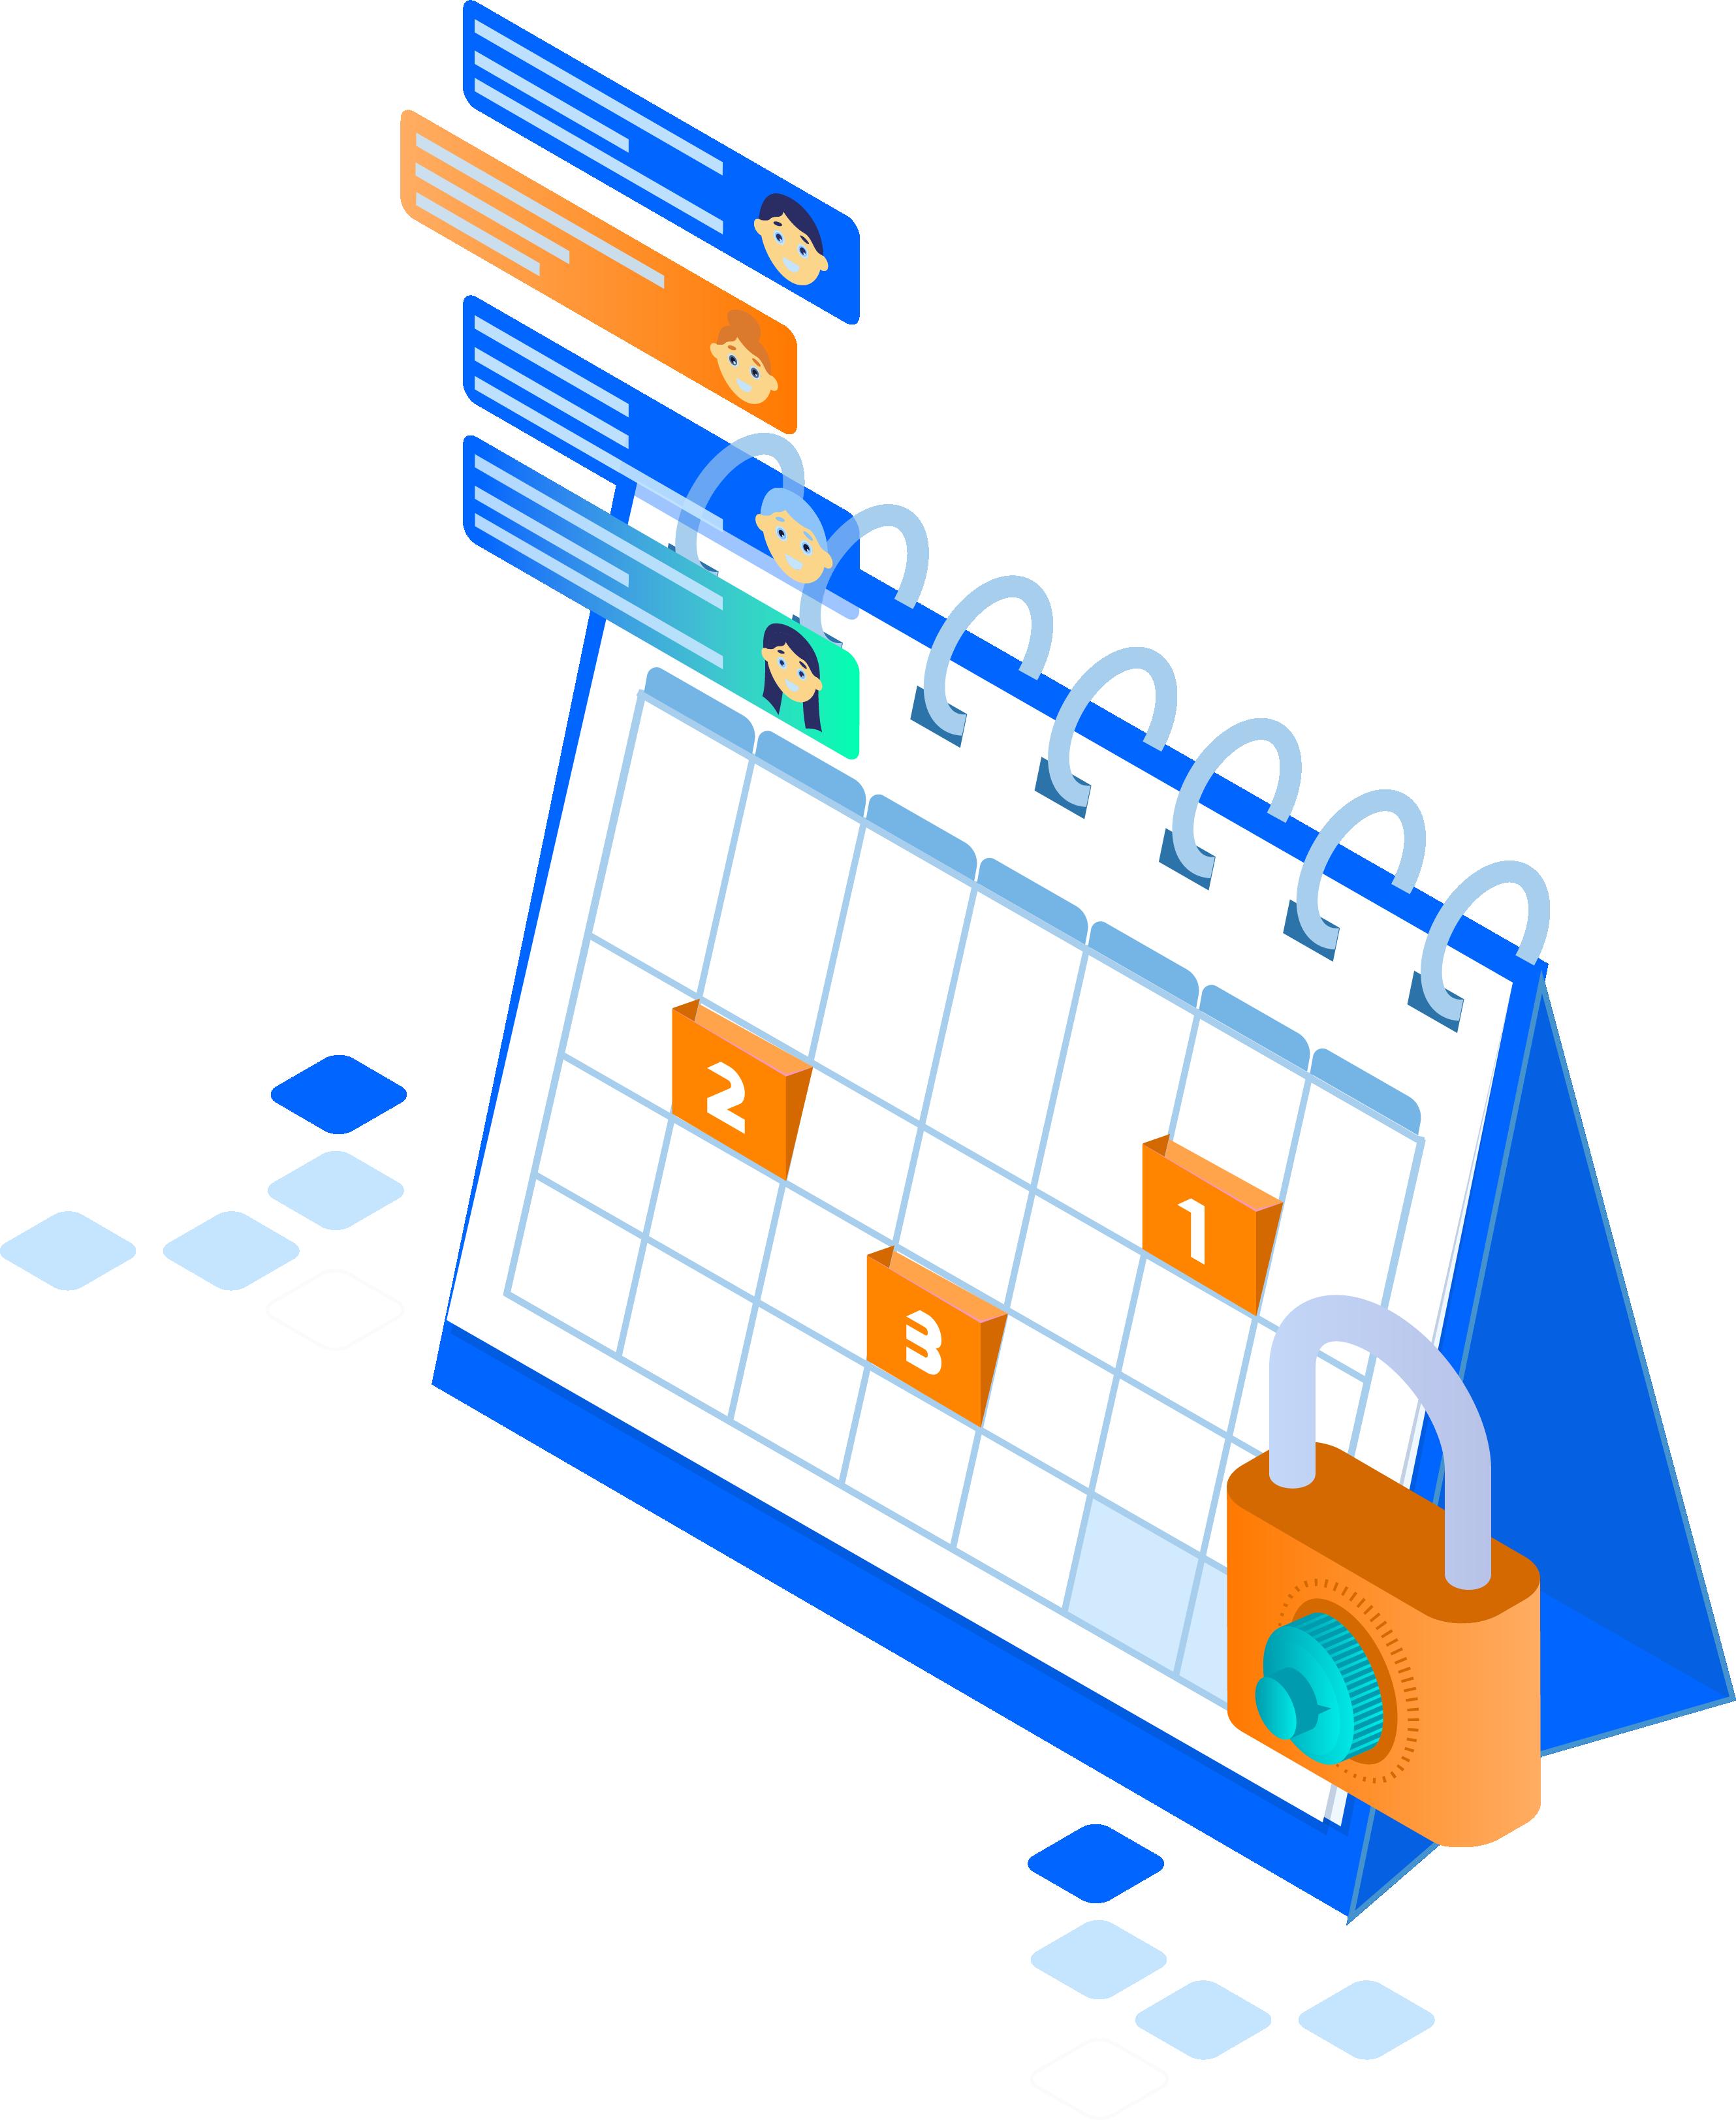 Google Calendar - Personalizza il tuo calendario online